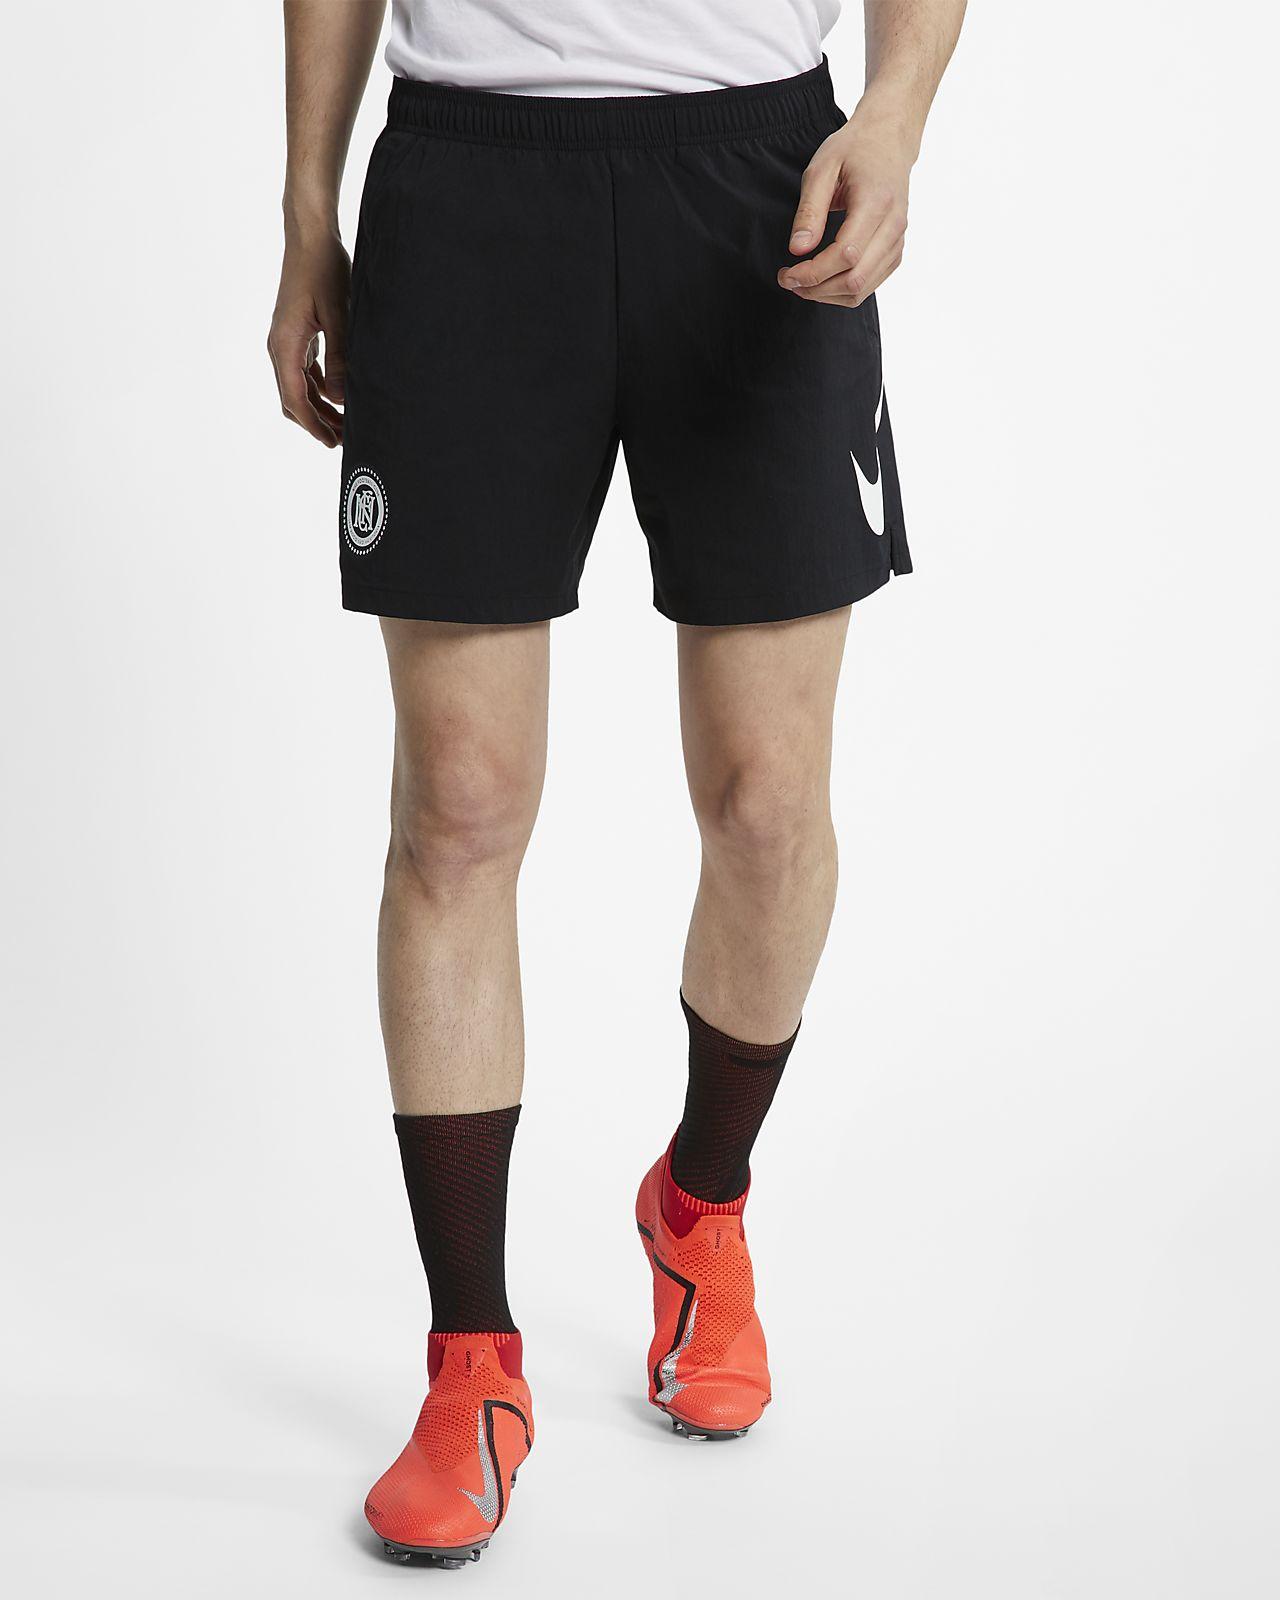 Calções de futebol Nike F.C. para homem